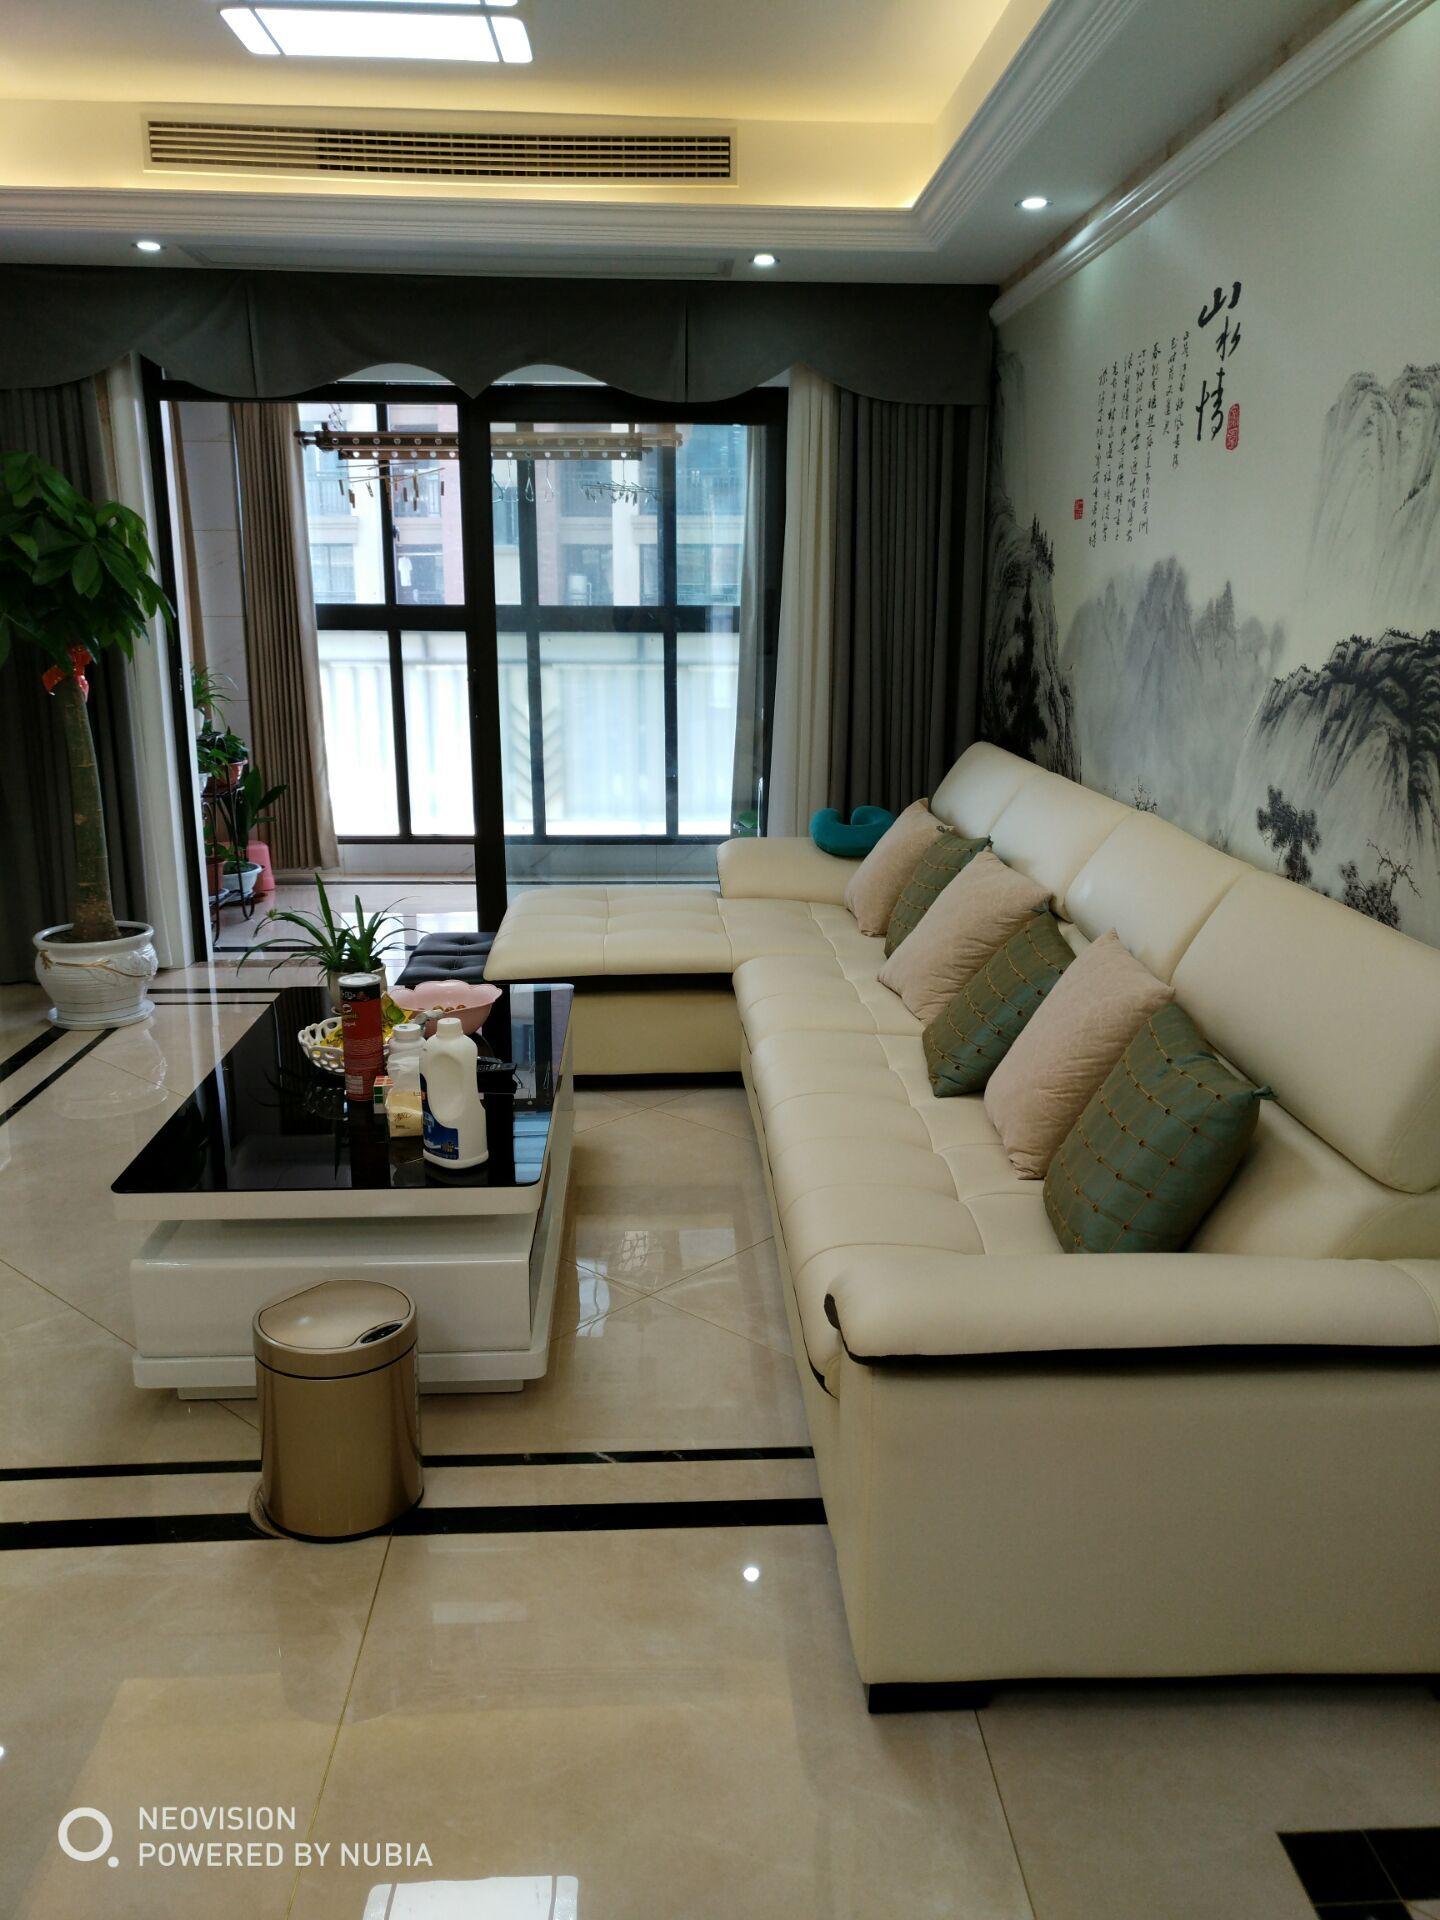 临浦东藩小区精装房子出售,3房2厅2卫,临浦镇小学区房